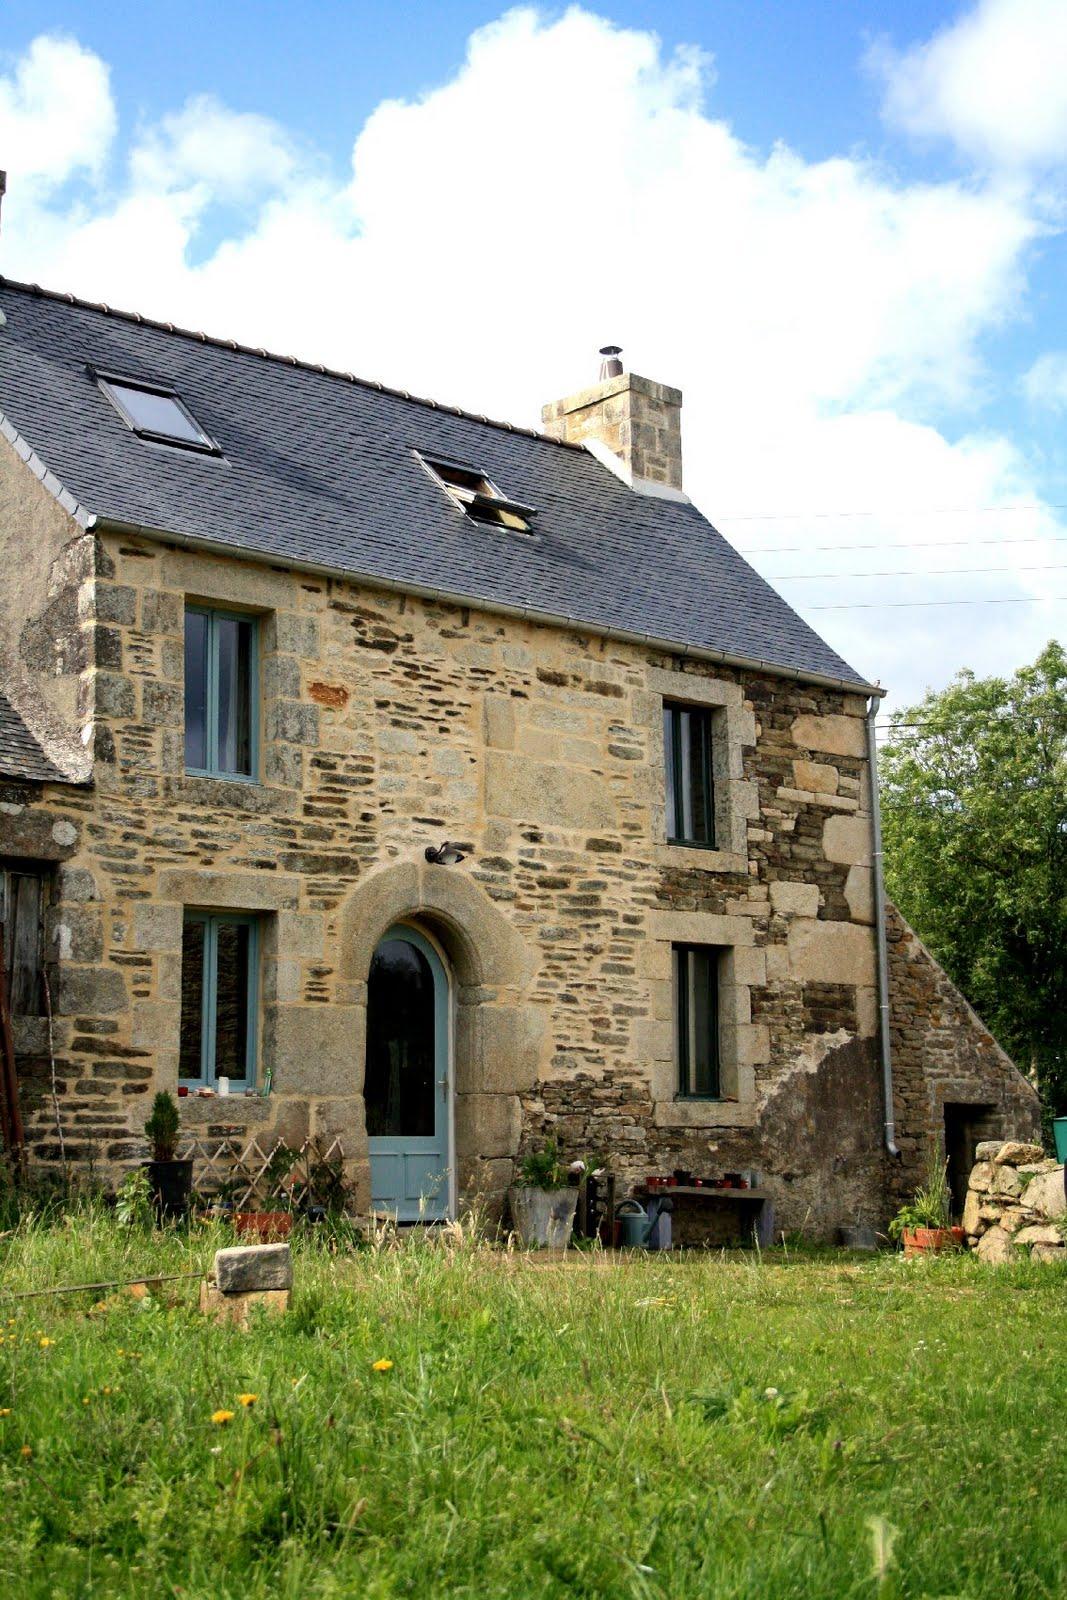 Vente maison xviii ecologique 22 diff rentes heures de for Alan stivell journee a la maison